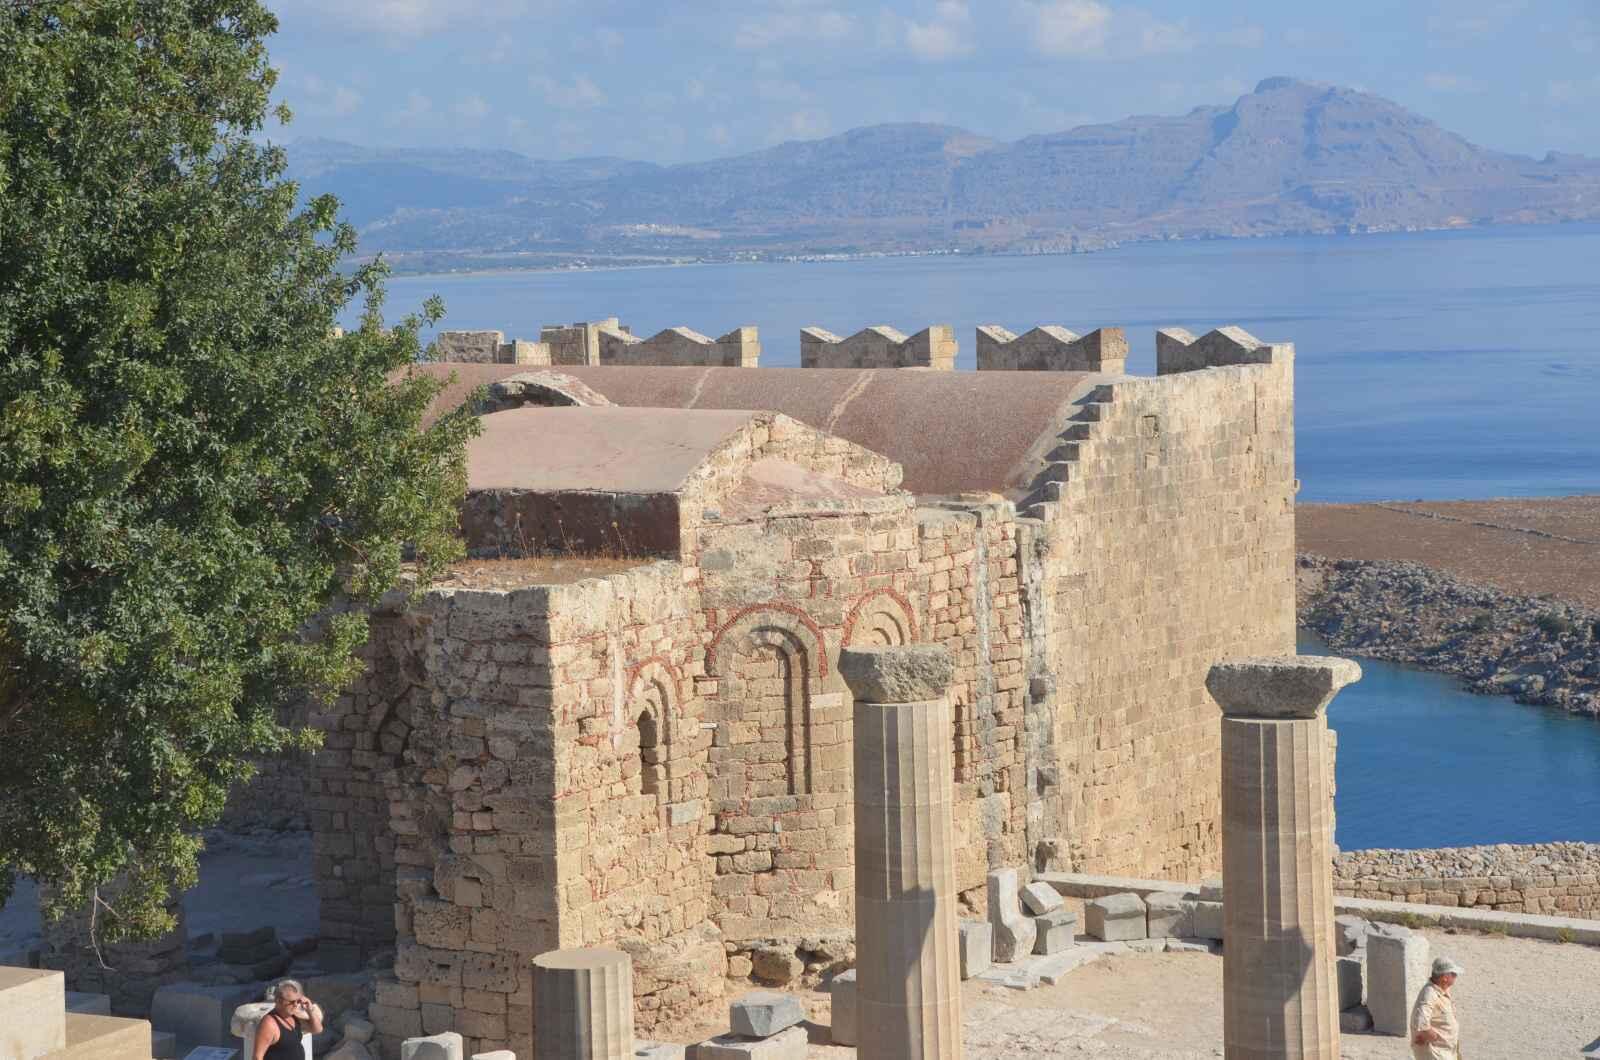 Foto 11: Zbytky starověké akropole a středověké johanitské pevnosti, Lindos, Řecko, Rhodos